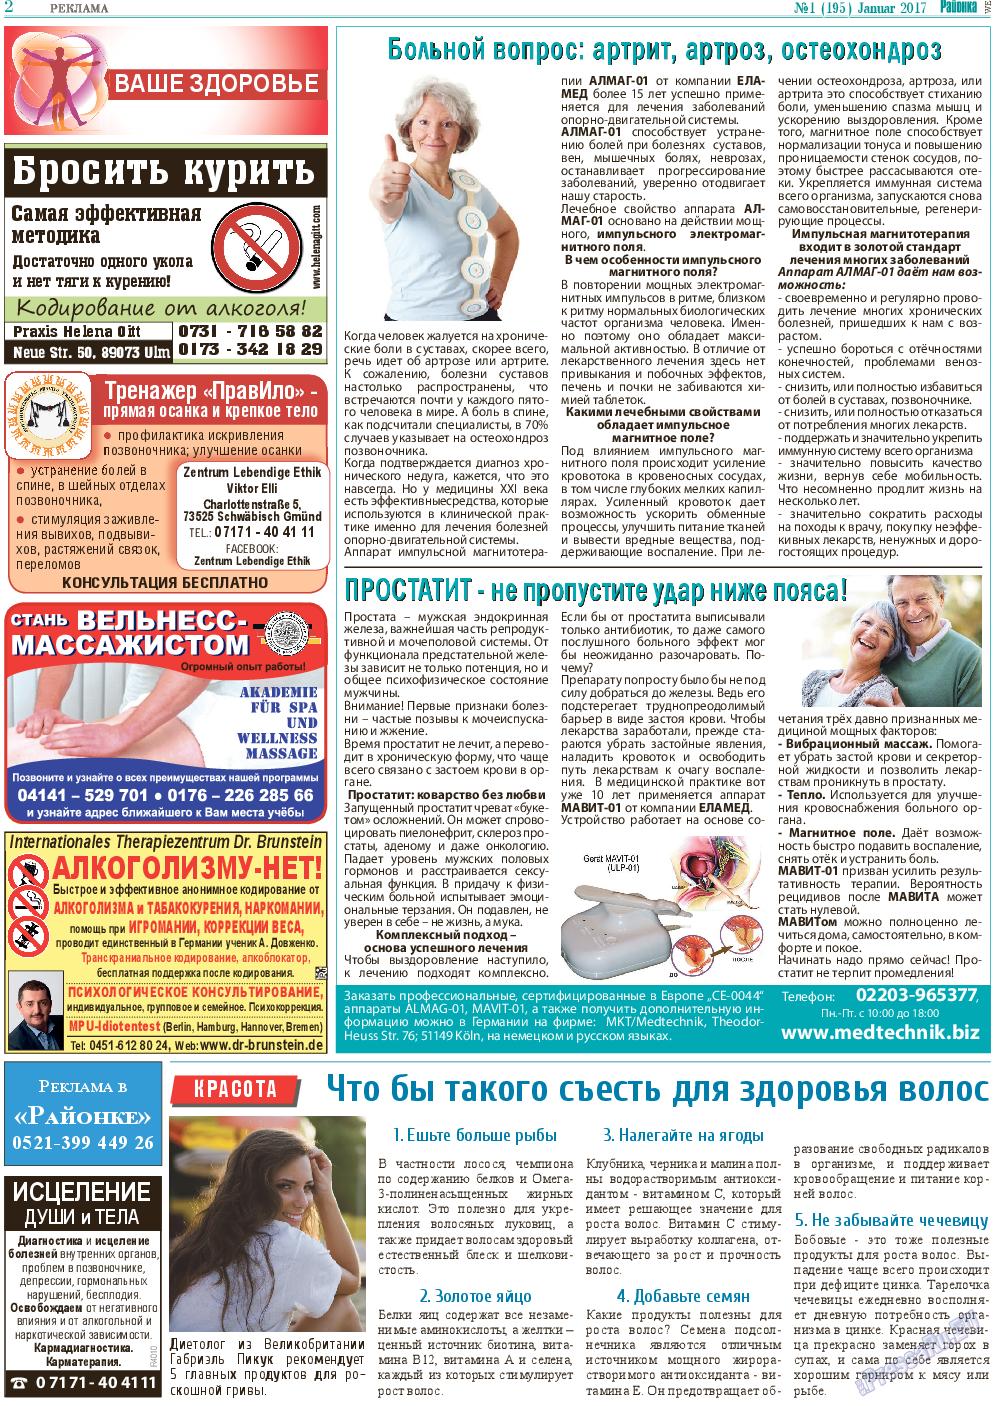 Районка-West (газета). 2017 год, номер 1, стр. 2